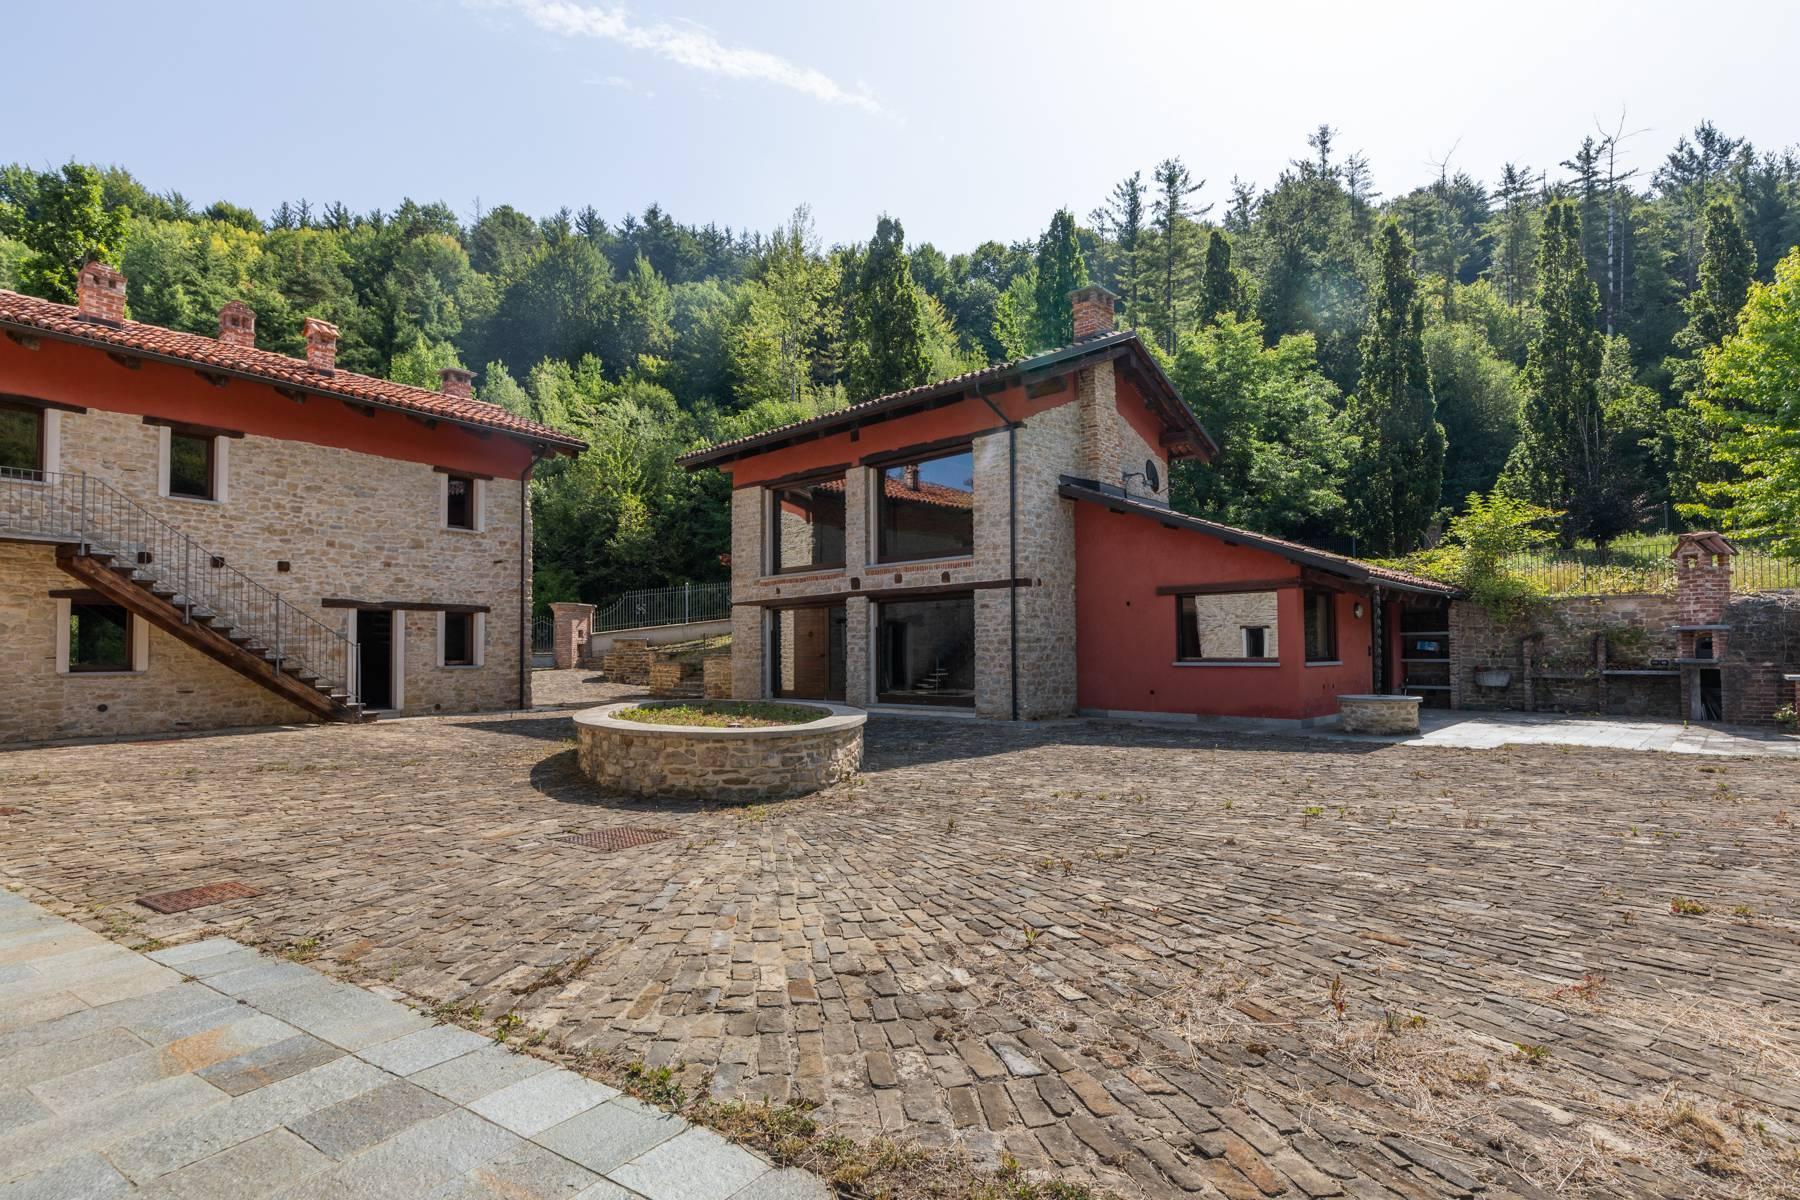 Incantevole piccolo borgo privato nelle Langhe - 2